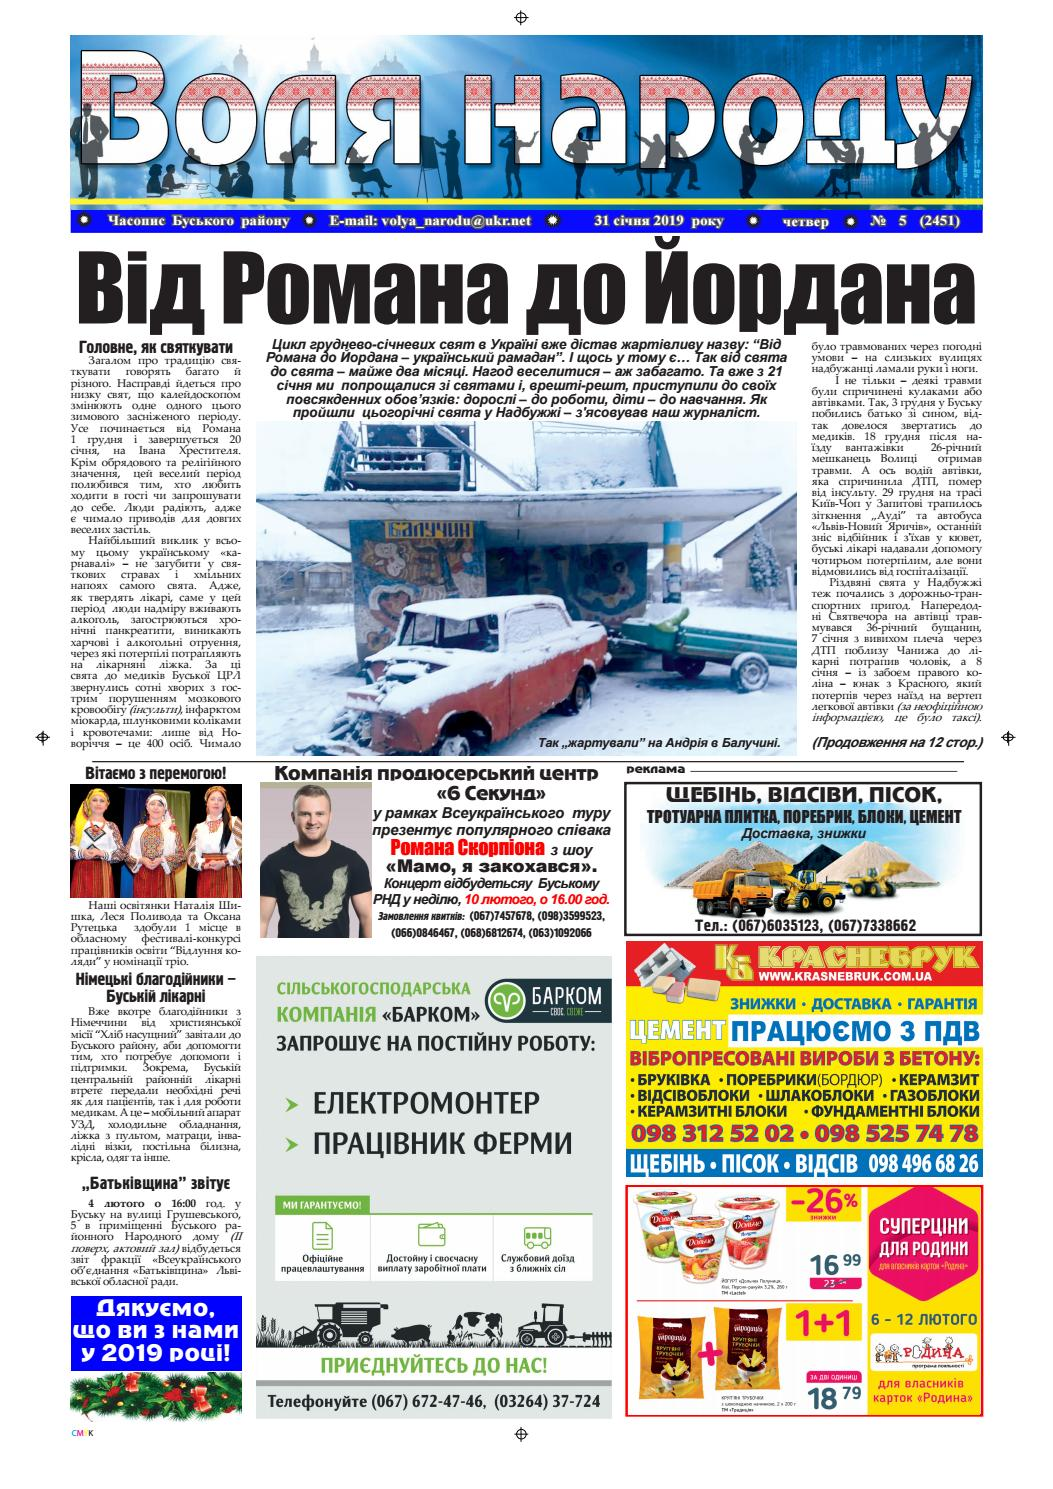 VOLYA NARODU  5 31-JAN-2019 by Bogdan Lytvyn - issuu 602ec9bd09333